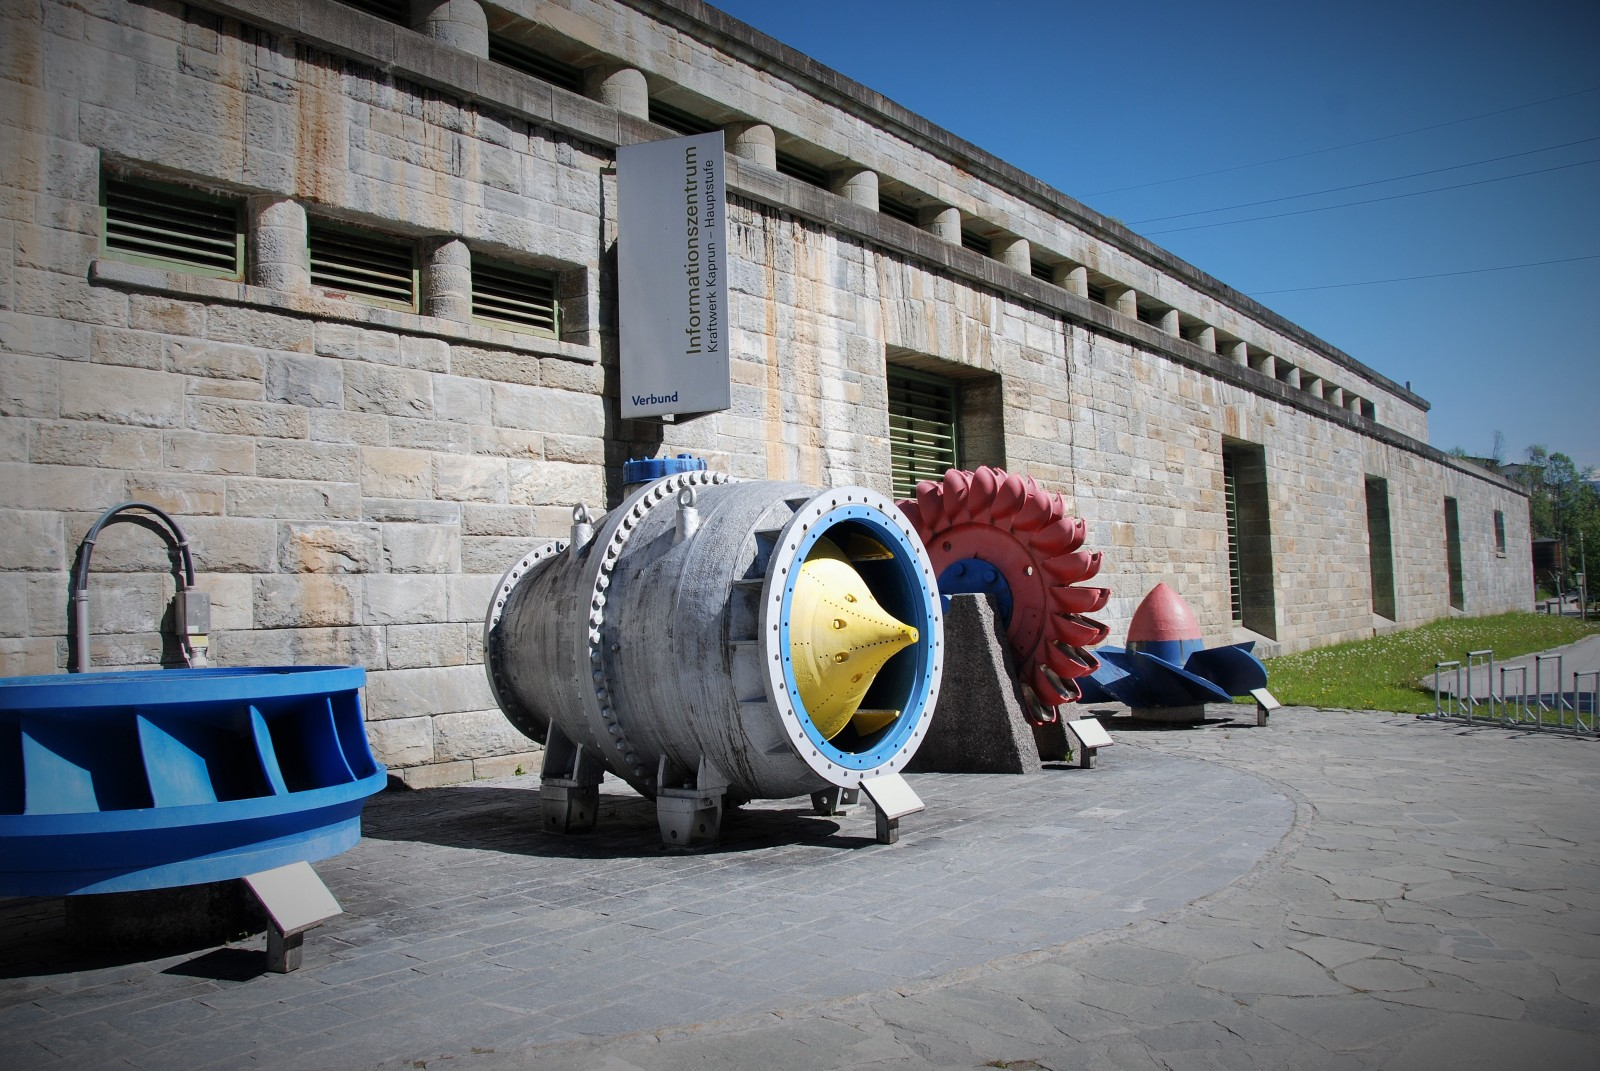 VERBUND Kraftwerk-Infozentrum am Klamm-Eingang